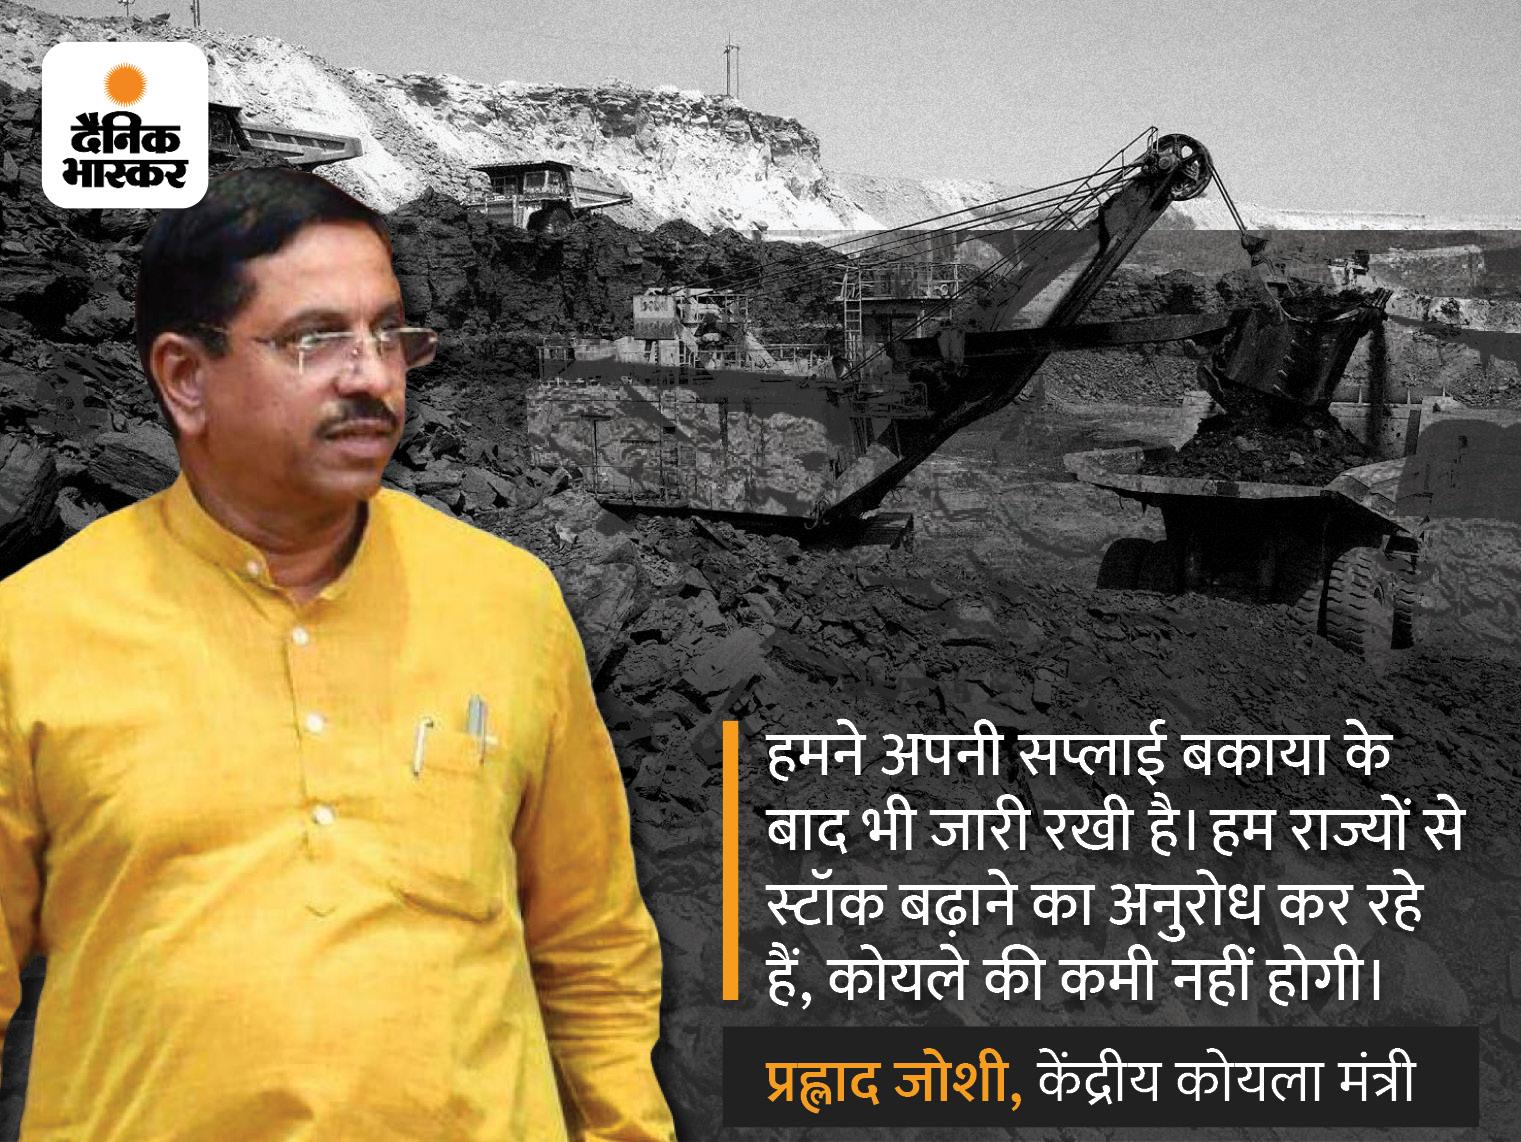 बीते सालों में भी देश में कोयले की कमी देखी गई, जानिए भारत समेत पूरी दुनिया में कितना कोल प्रोडक्शन किया जाता है|बिजनेस,Business - Dainik Bhaskar